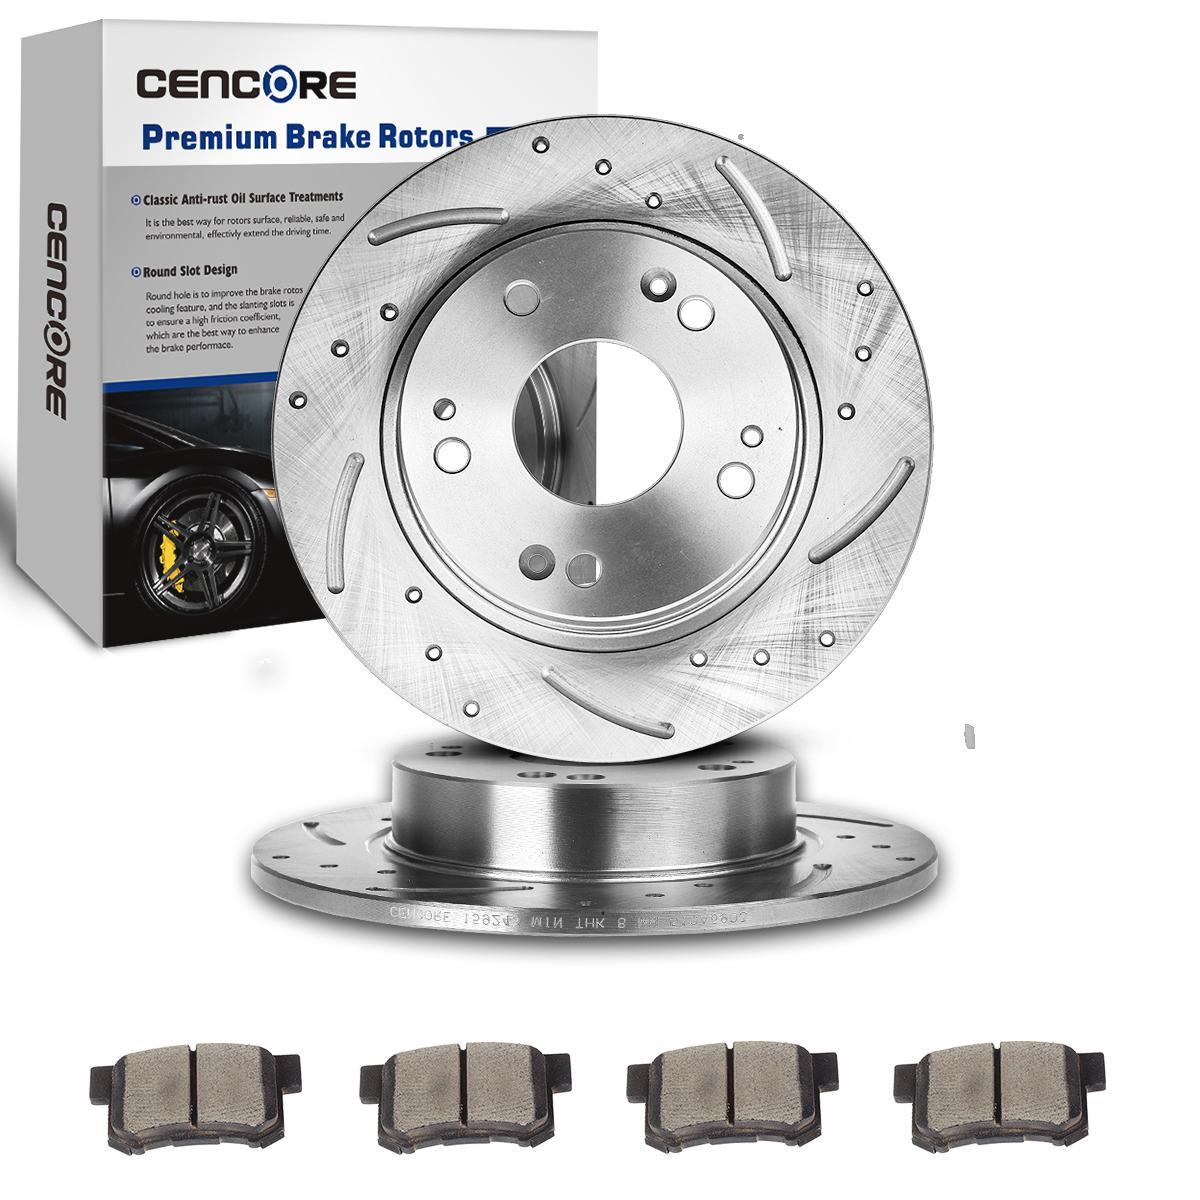 2009 For Honda Civic Rear Anti Rust Coated Disc Brake Rotors and Ceramic Brake Pads